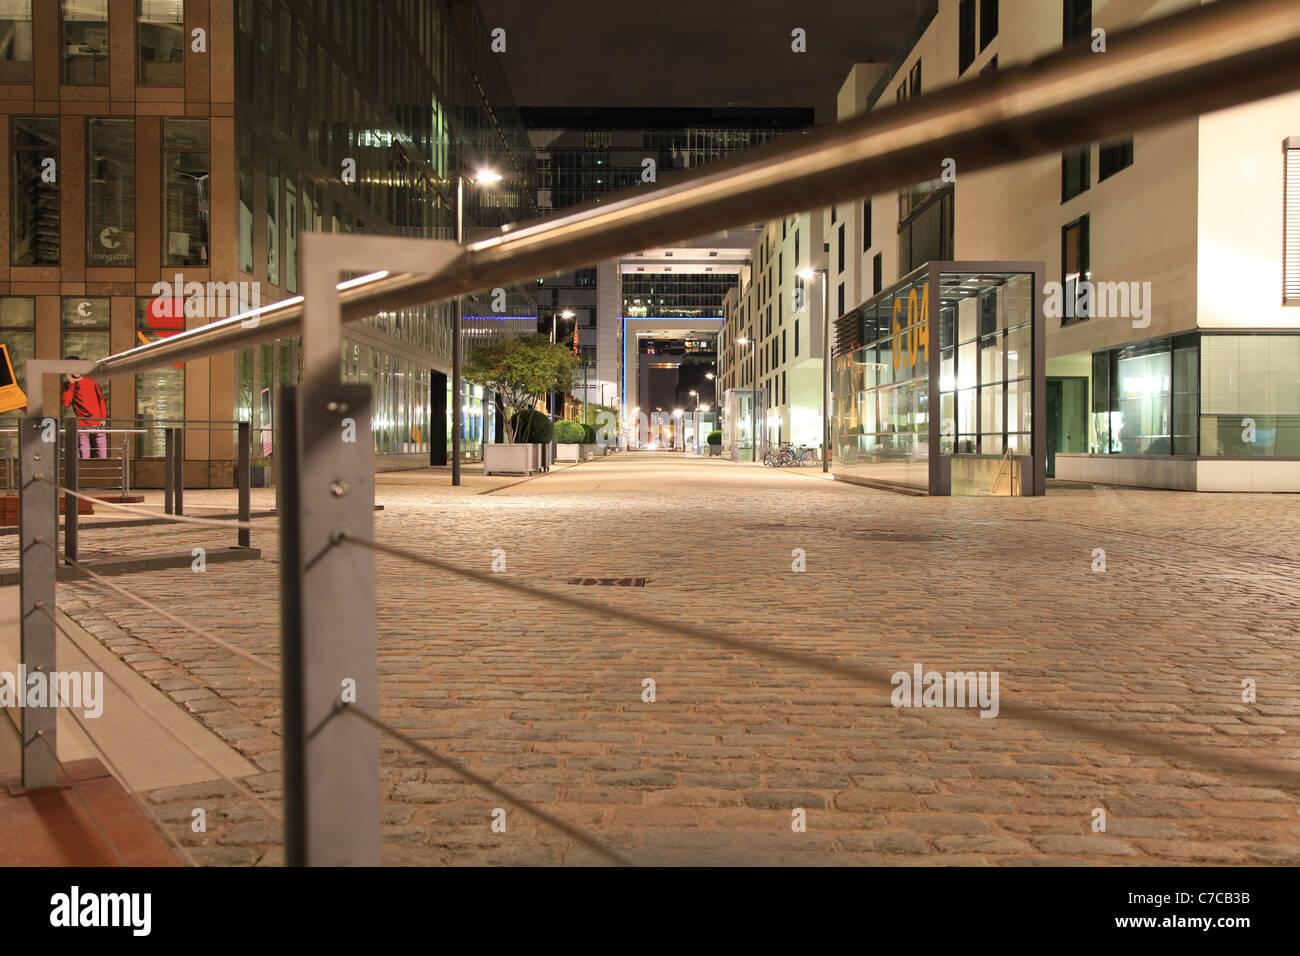 Colgone Rheinauhafen at night,  Köln Rheinauhafen bei Nacht - Stock Image